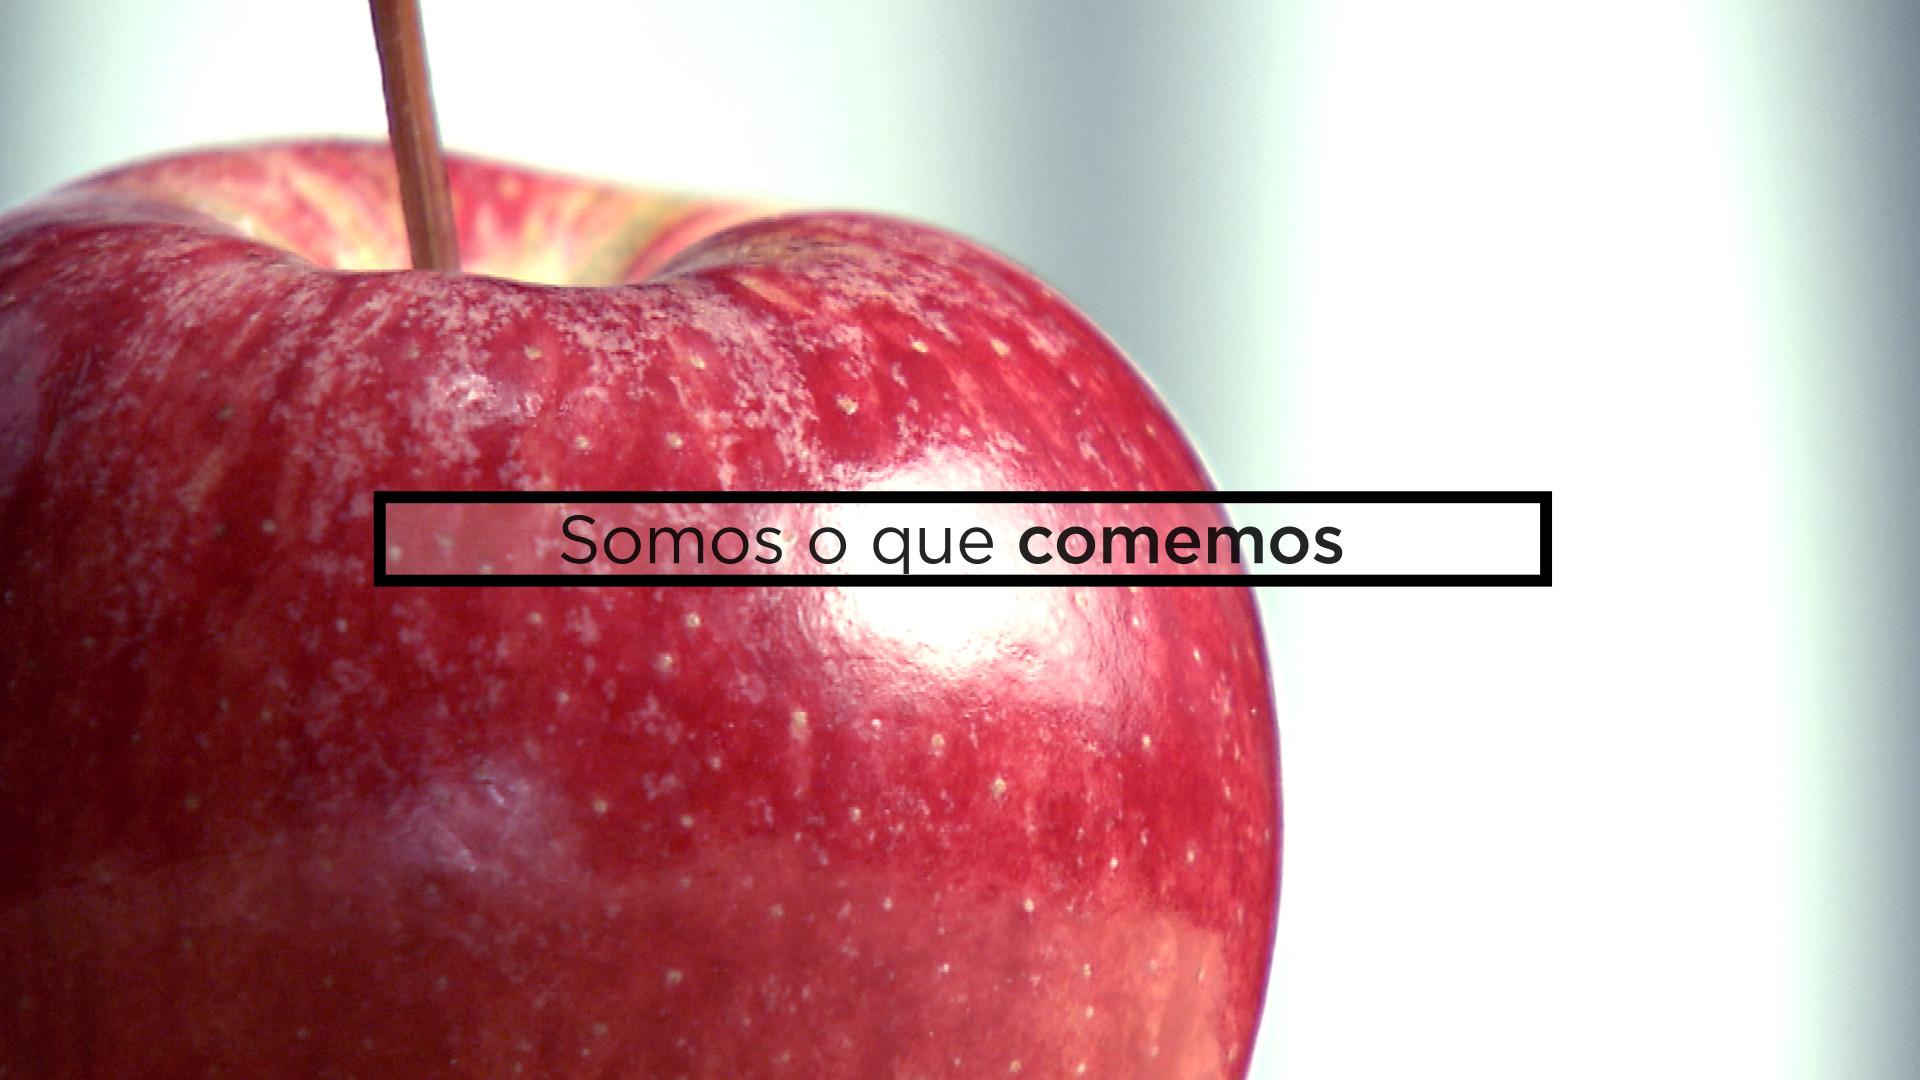 tit maçã.png